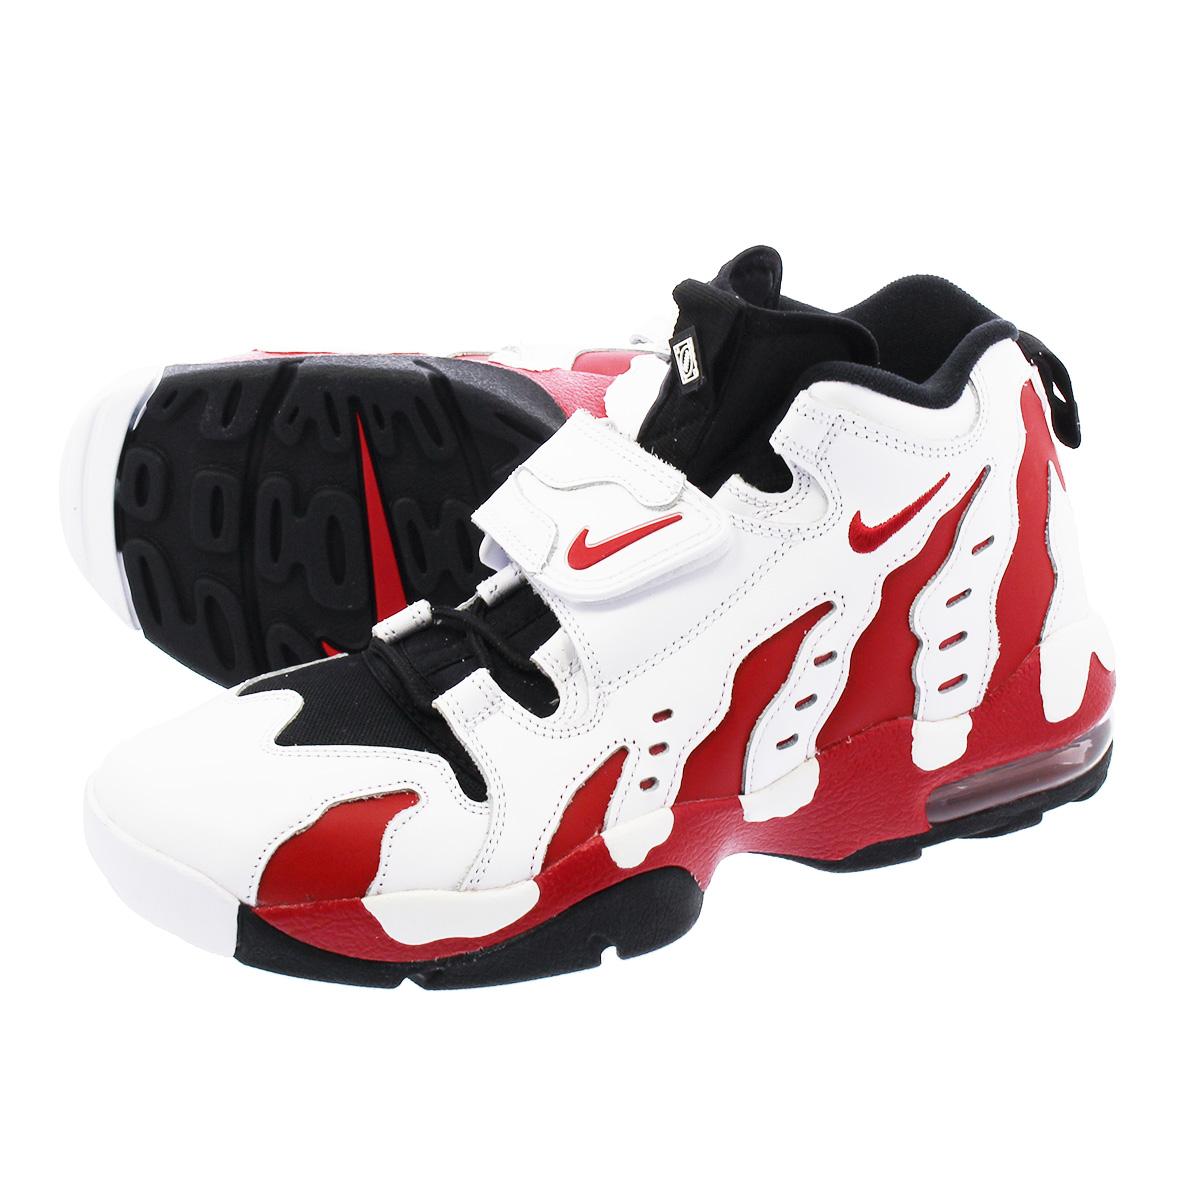 2d1d89f1db LOWTEX PLUS: NIKE AIR DT MAX 96 Nike air DT max 96 WHITE/VARSITY RED ...